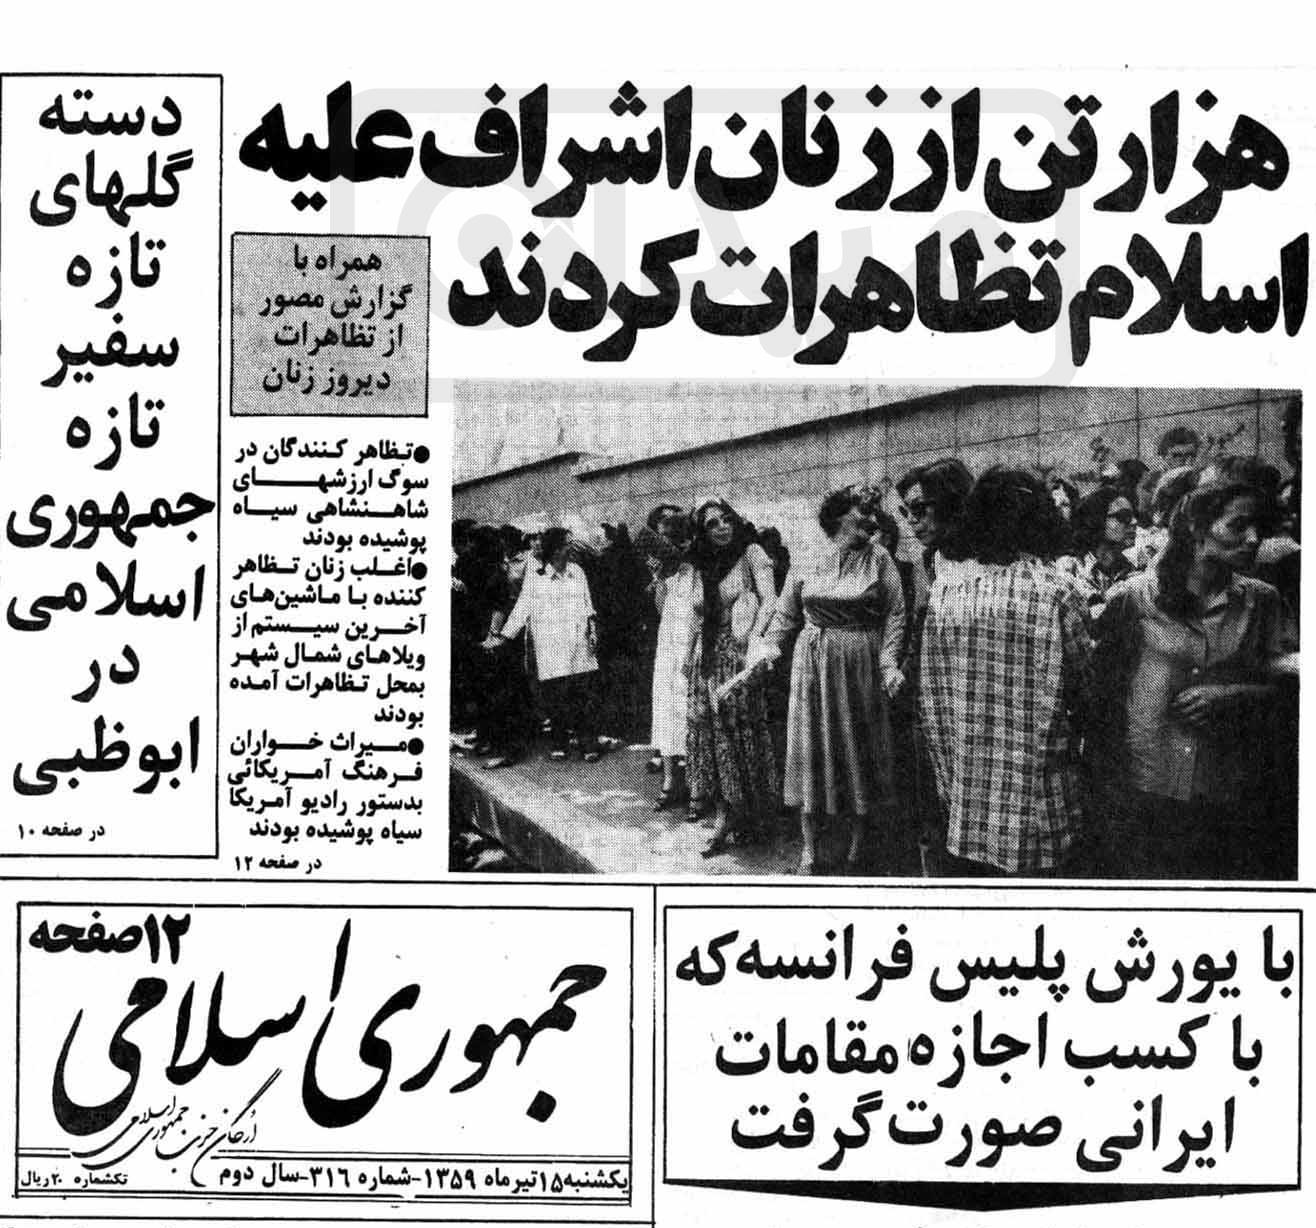 تیر ۱۳۵۹: تظاهرات و تجمع ضد اجباری شدن حجاب در ادارات دولتی